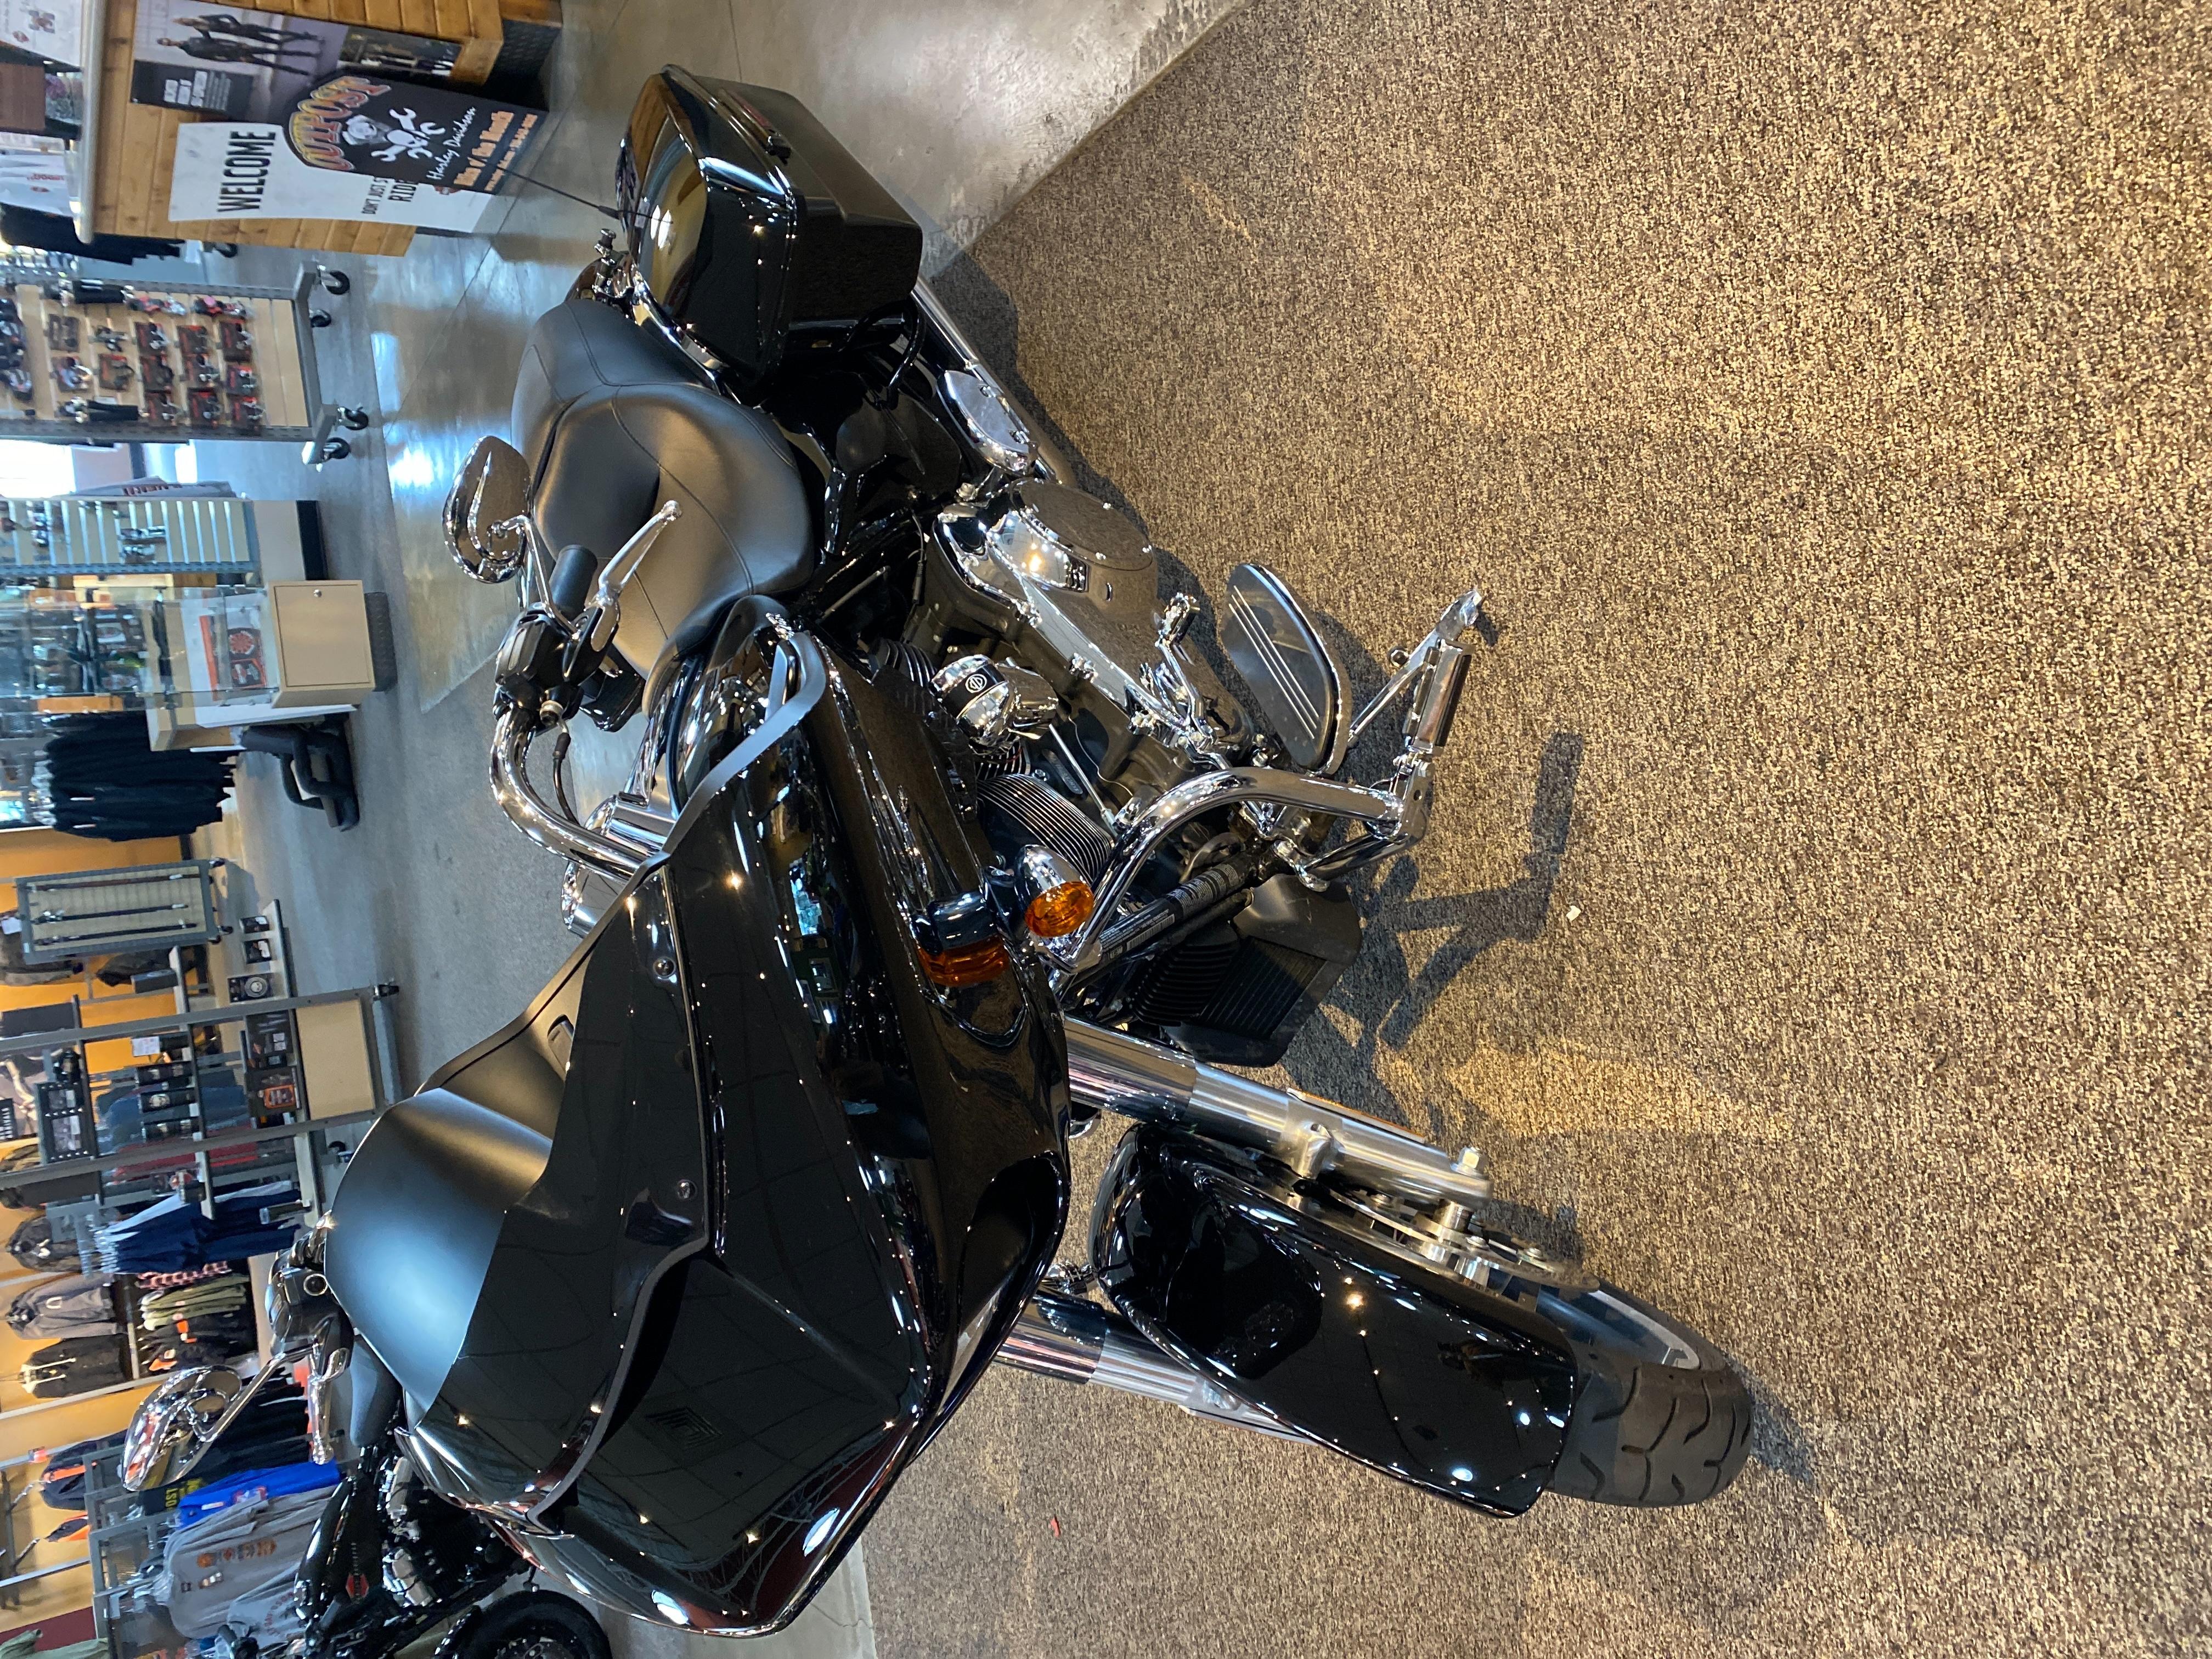 2019 Harley-Davidson Road Glide Base at Outpost Harley-Davidson